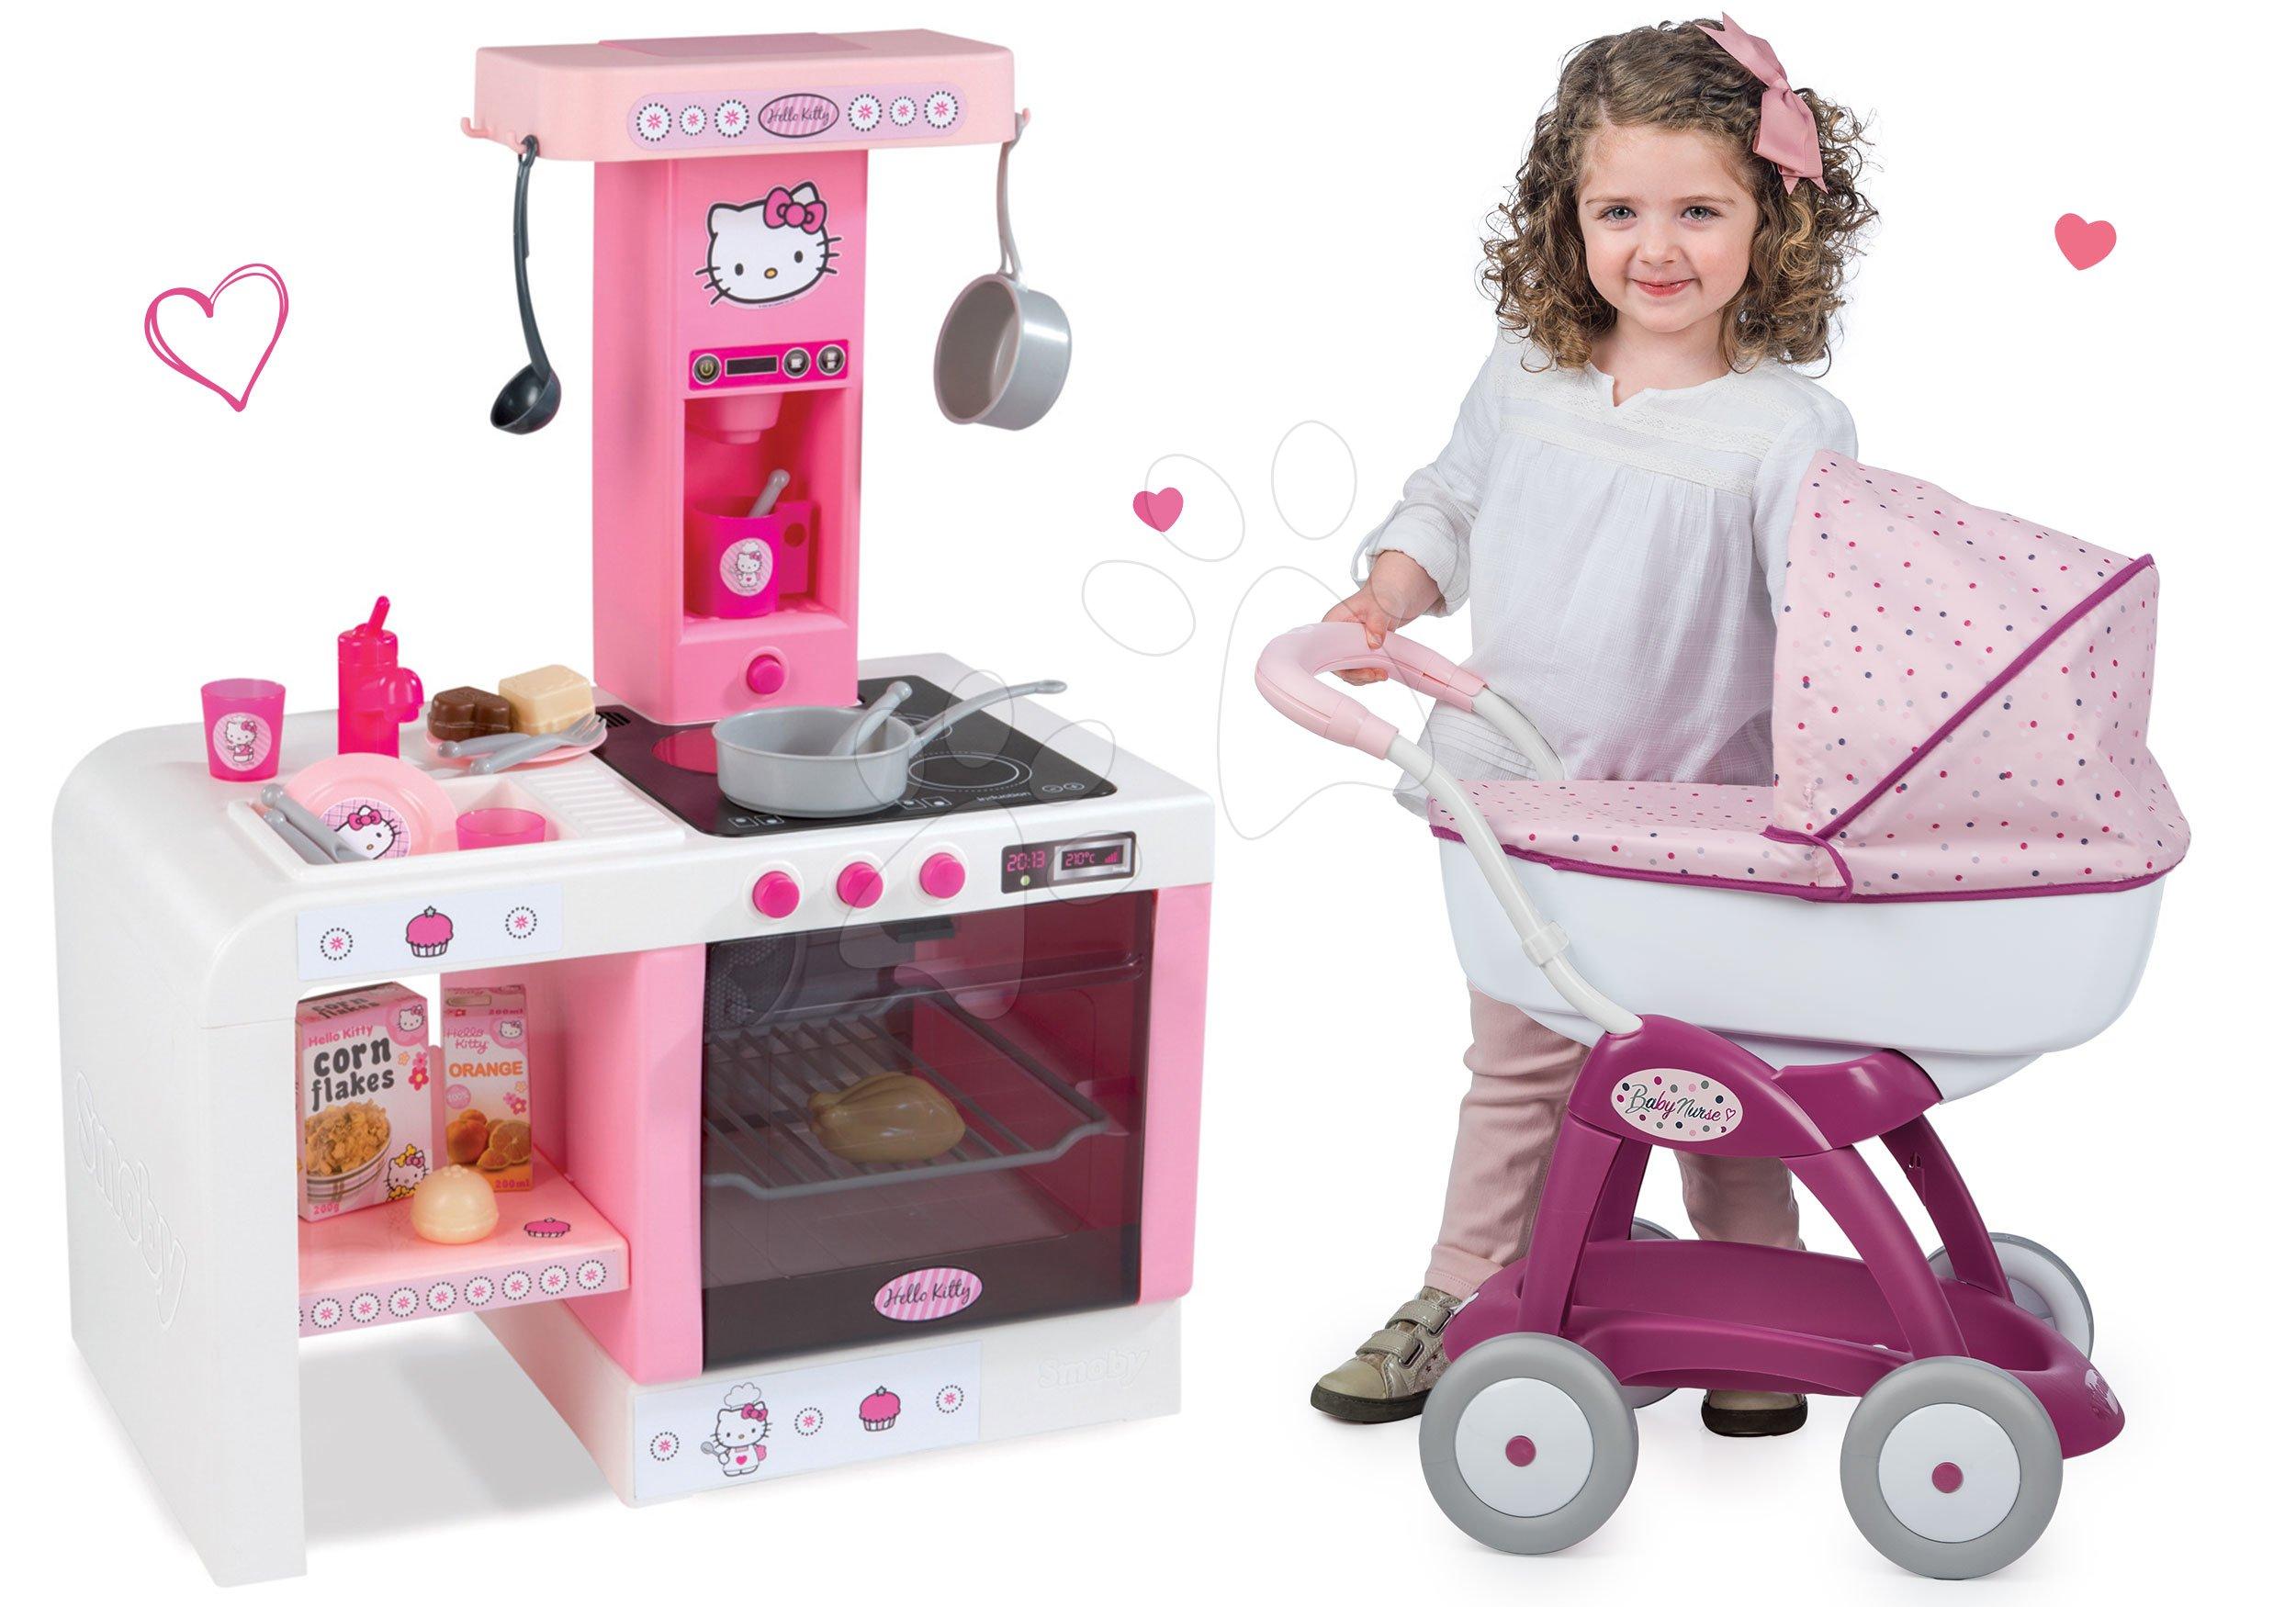 Komplet voziček za dojenčka Maša in medved Smoby in kuhinja Hello Kitty Cheftronic z zvoki od 18 mes